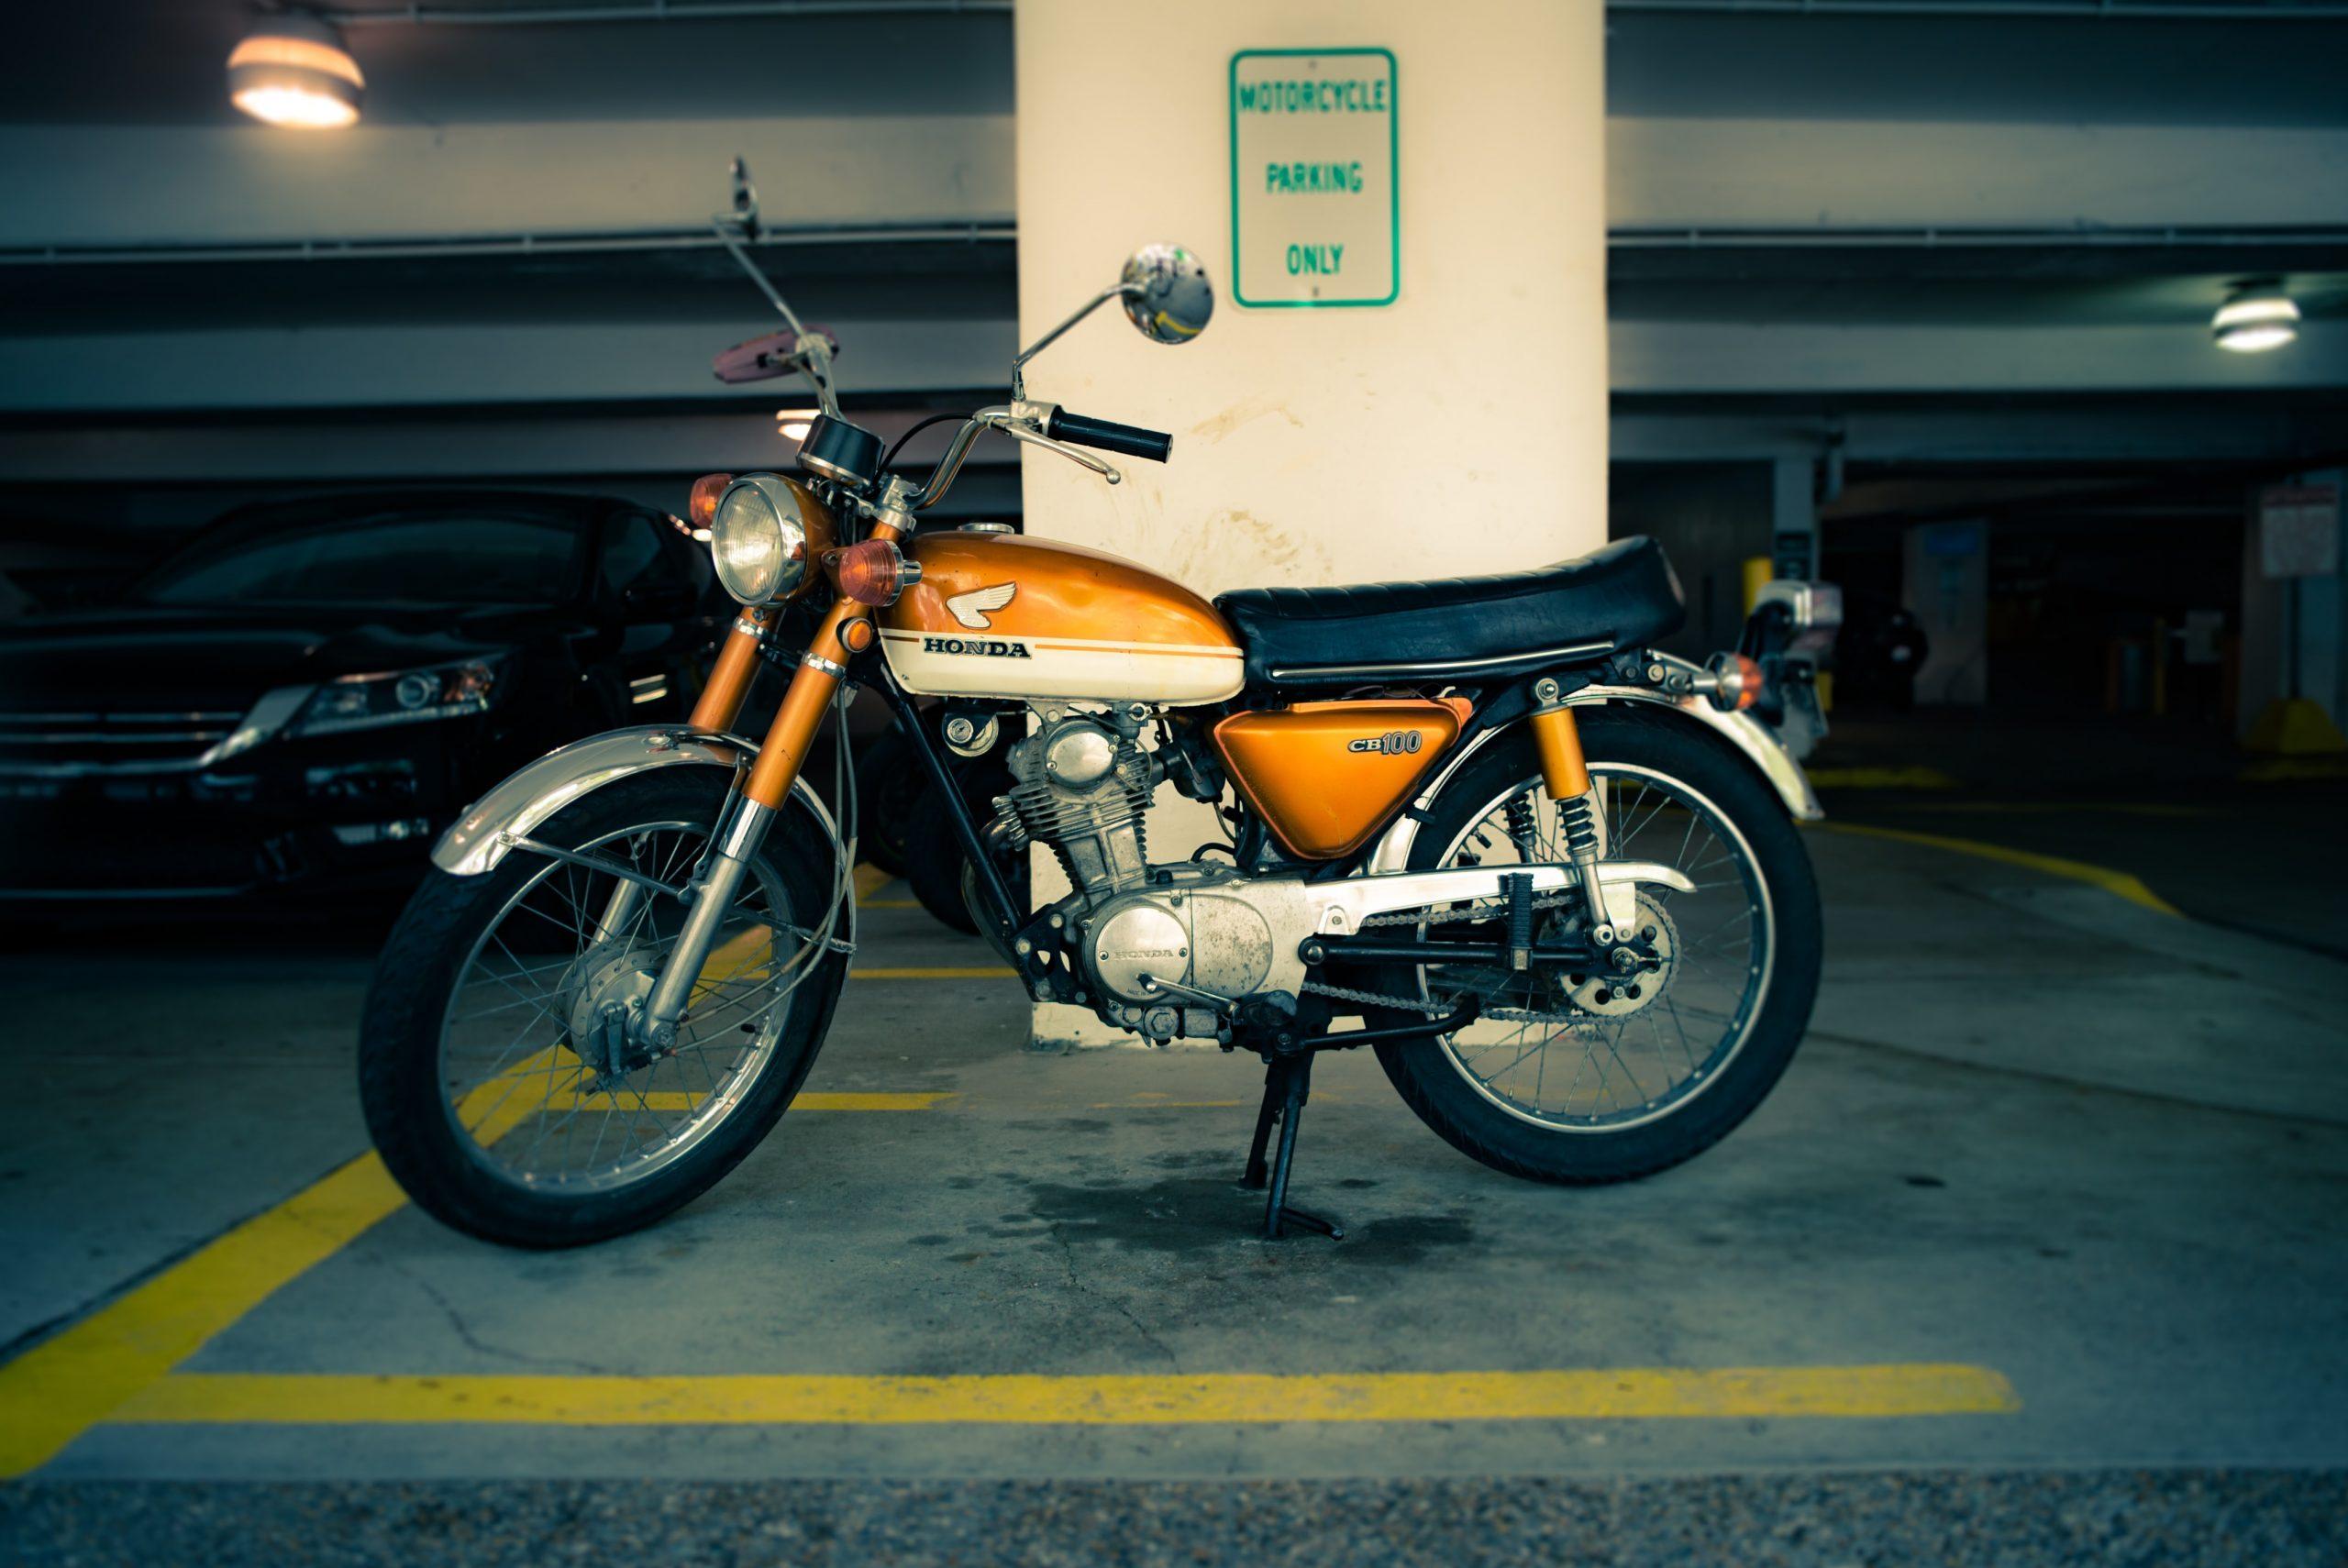 Motocyclette sur un parking